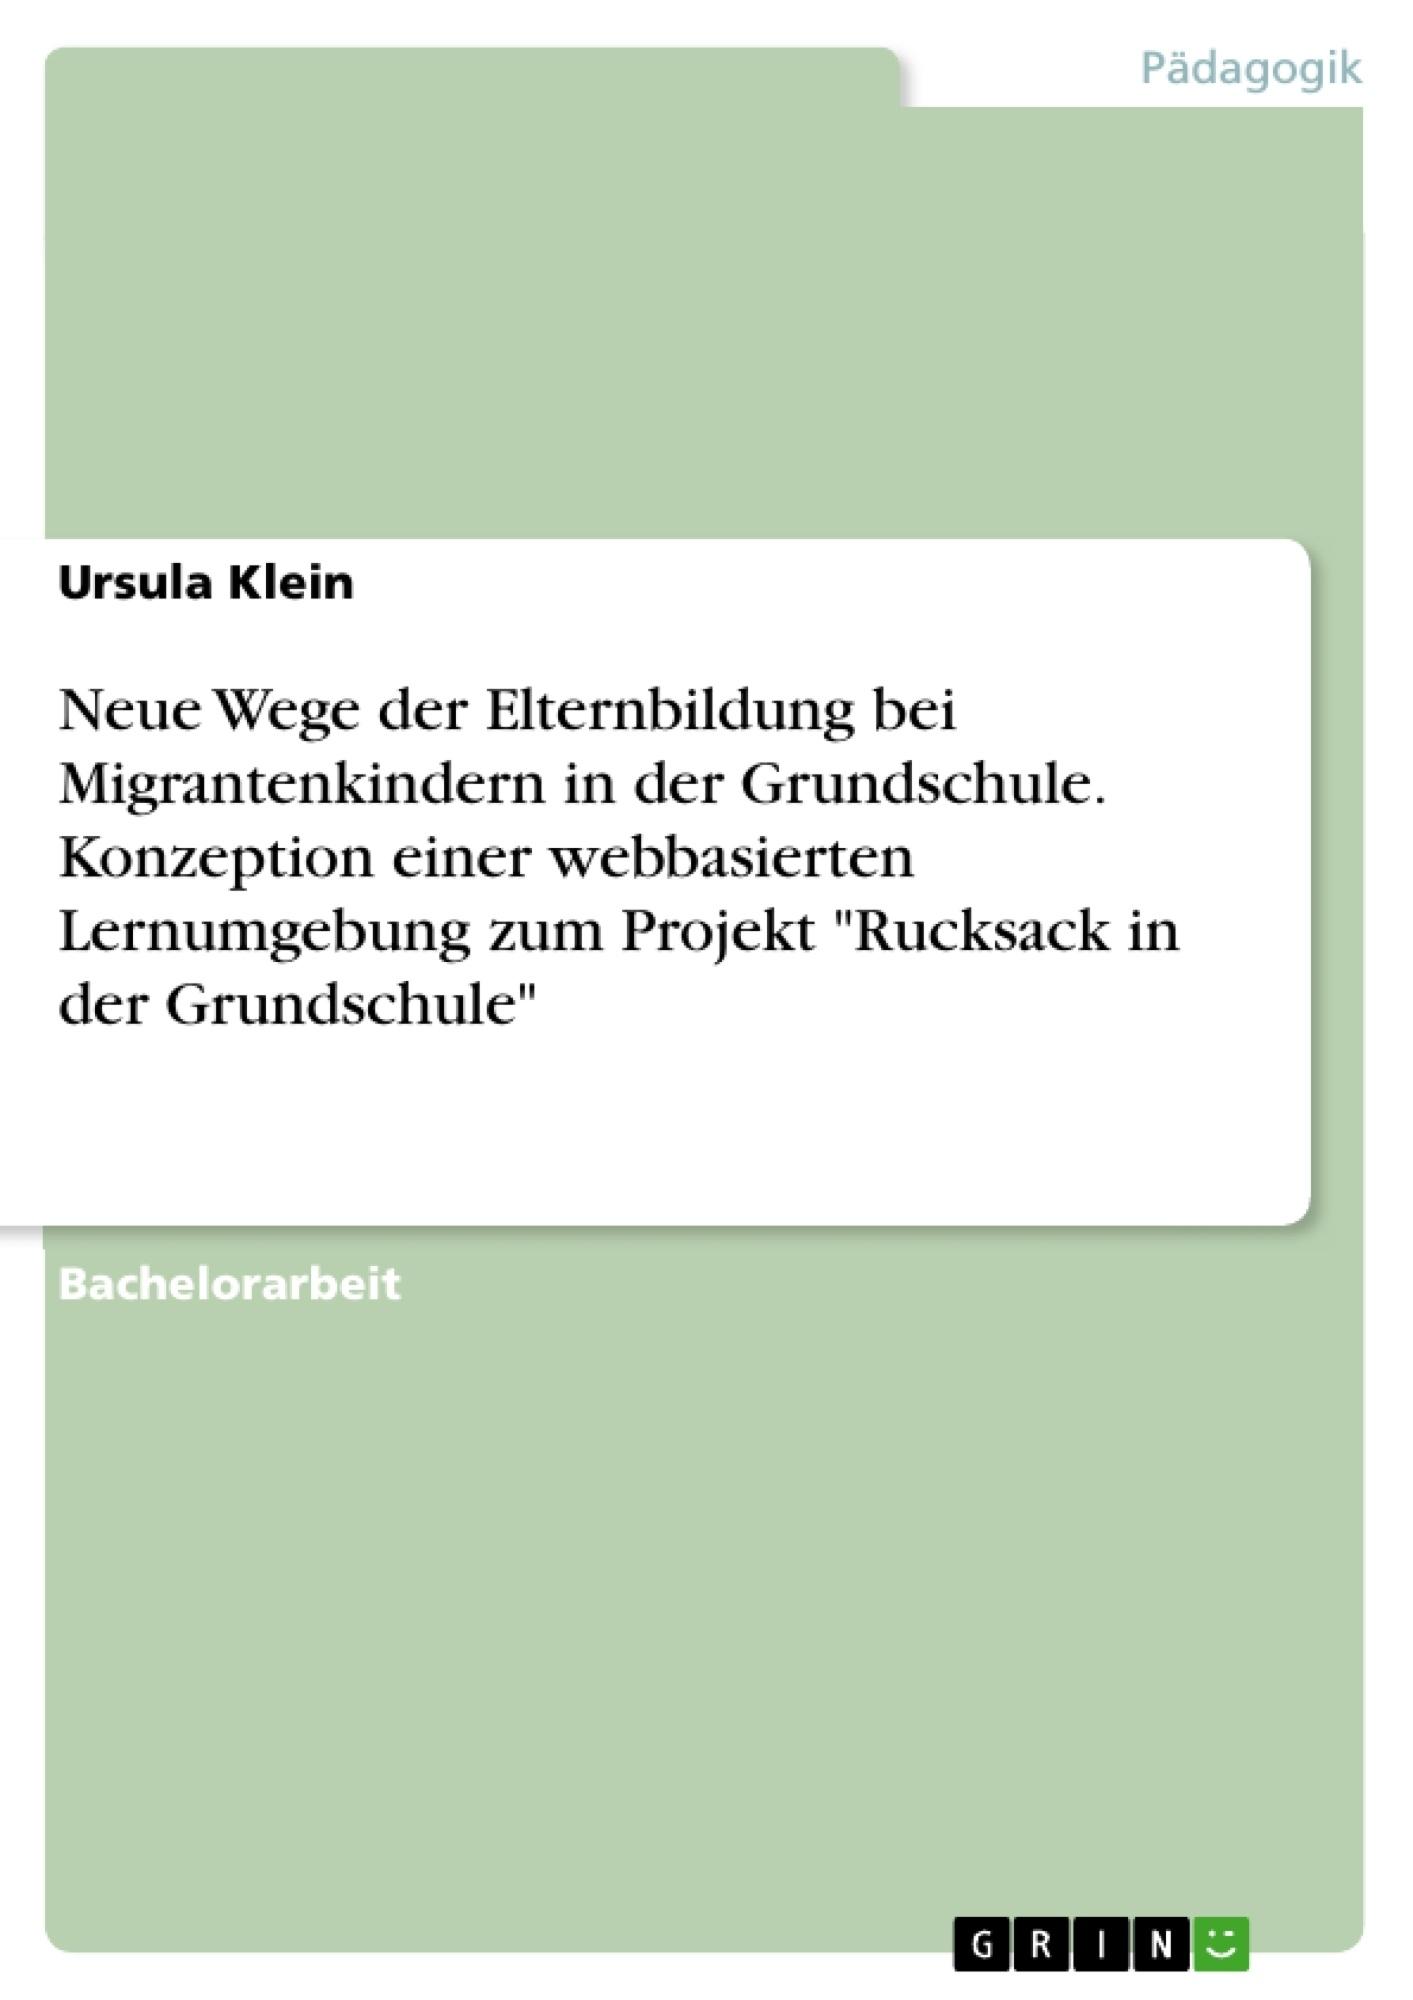 """Titel: Neue Wege der Elternbildung bei Migrantenkindern in der Grundschule. Konzeption einer webbasierten Lernumgebung zum Projekt """"Rucksack in der Grundschule"""""""